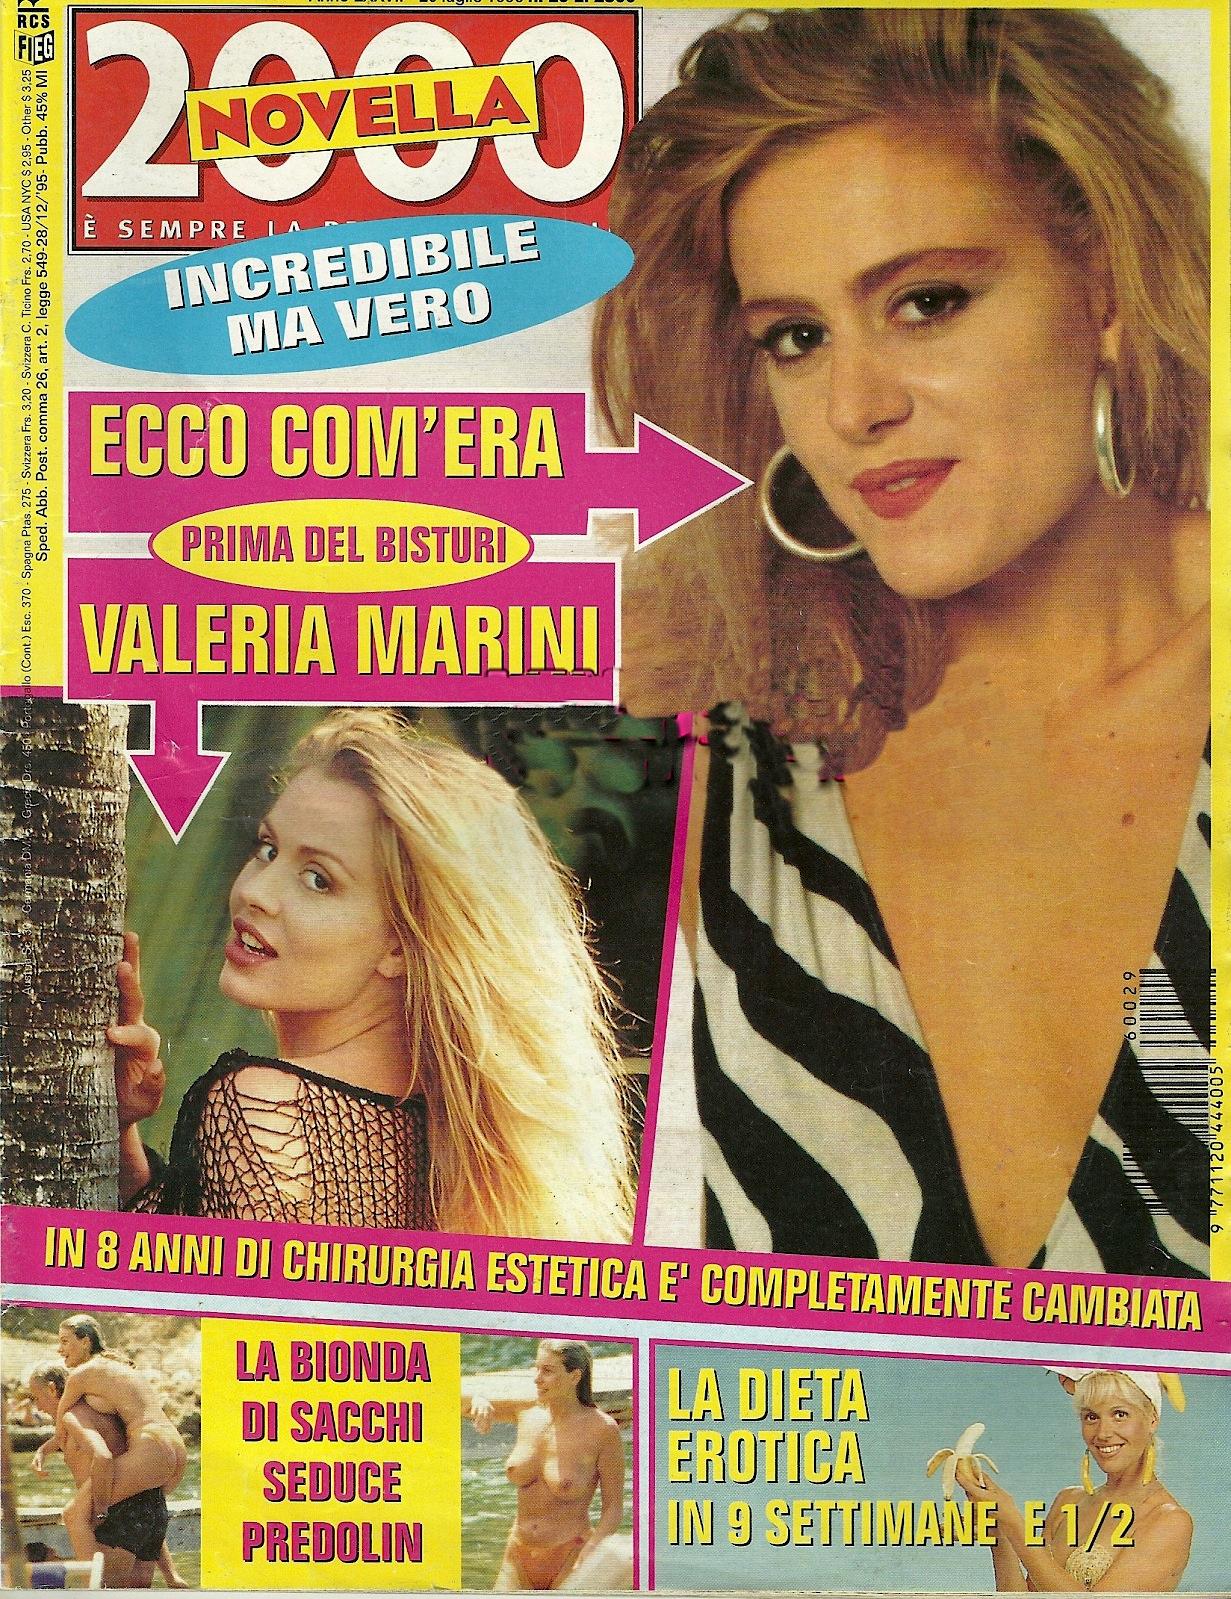 valeria_marini_chirurgia_novella_2000